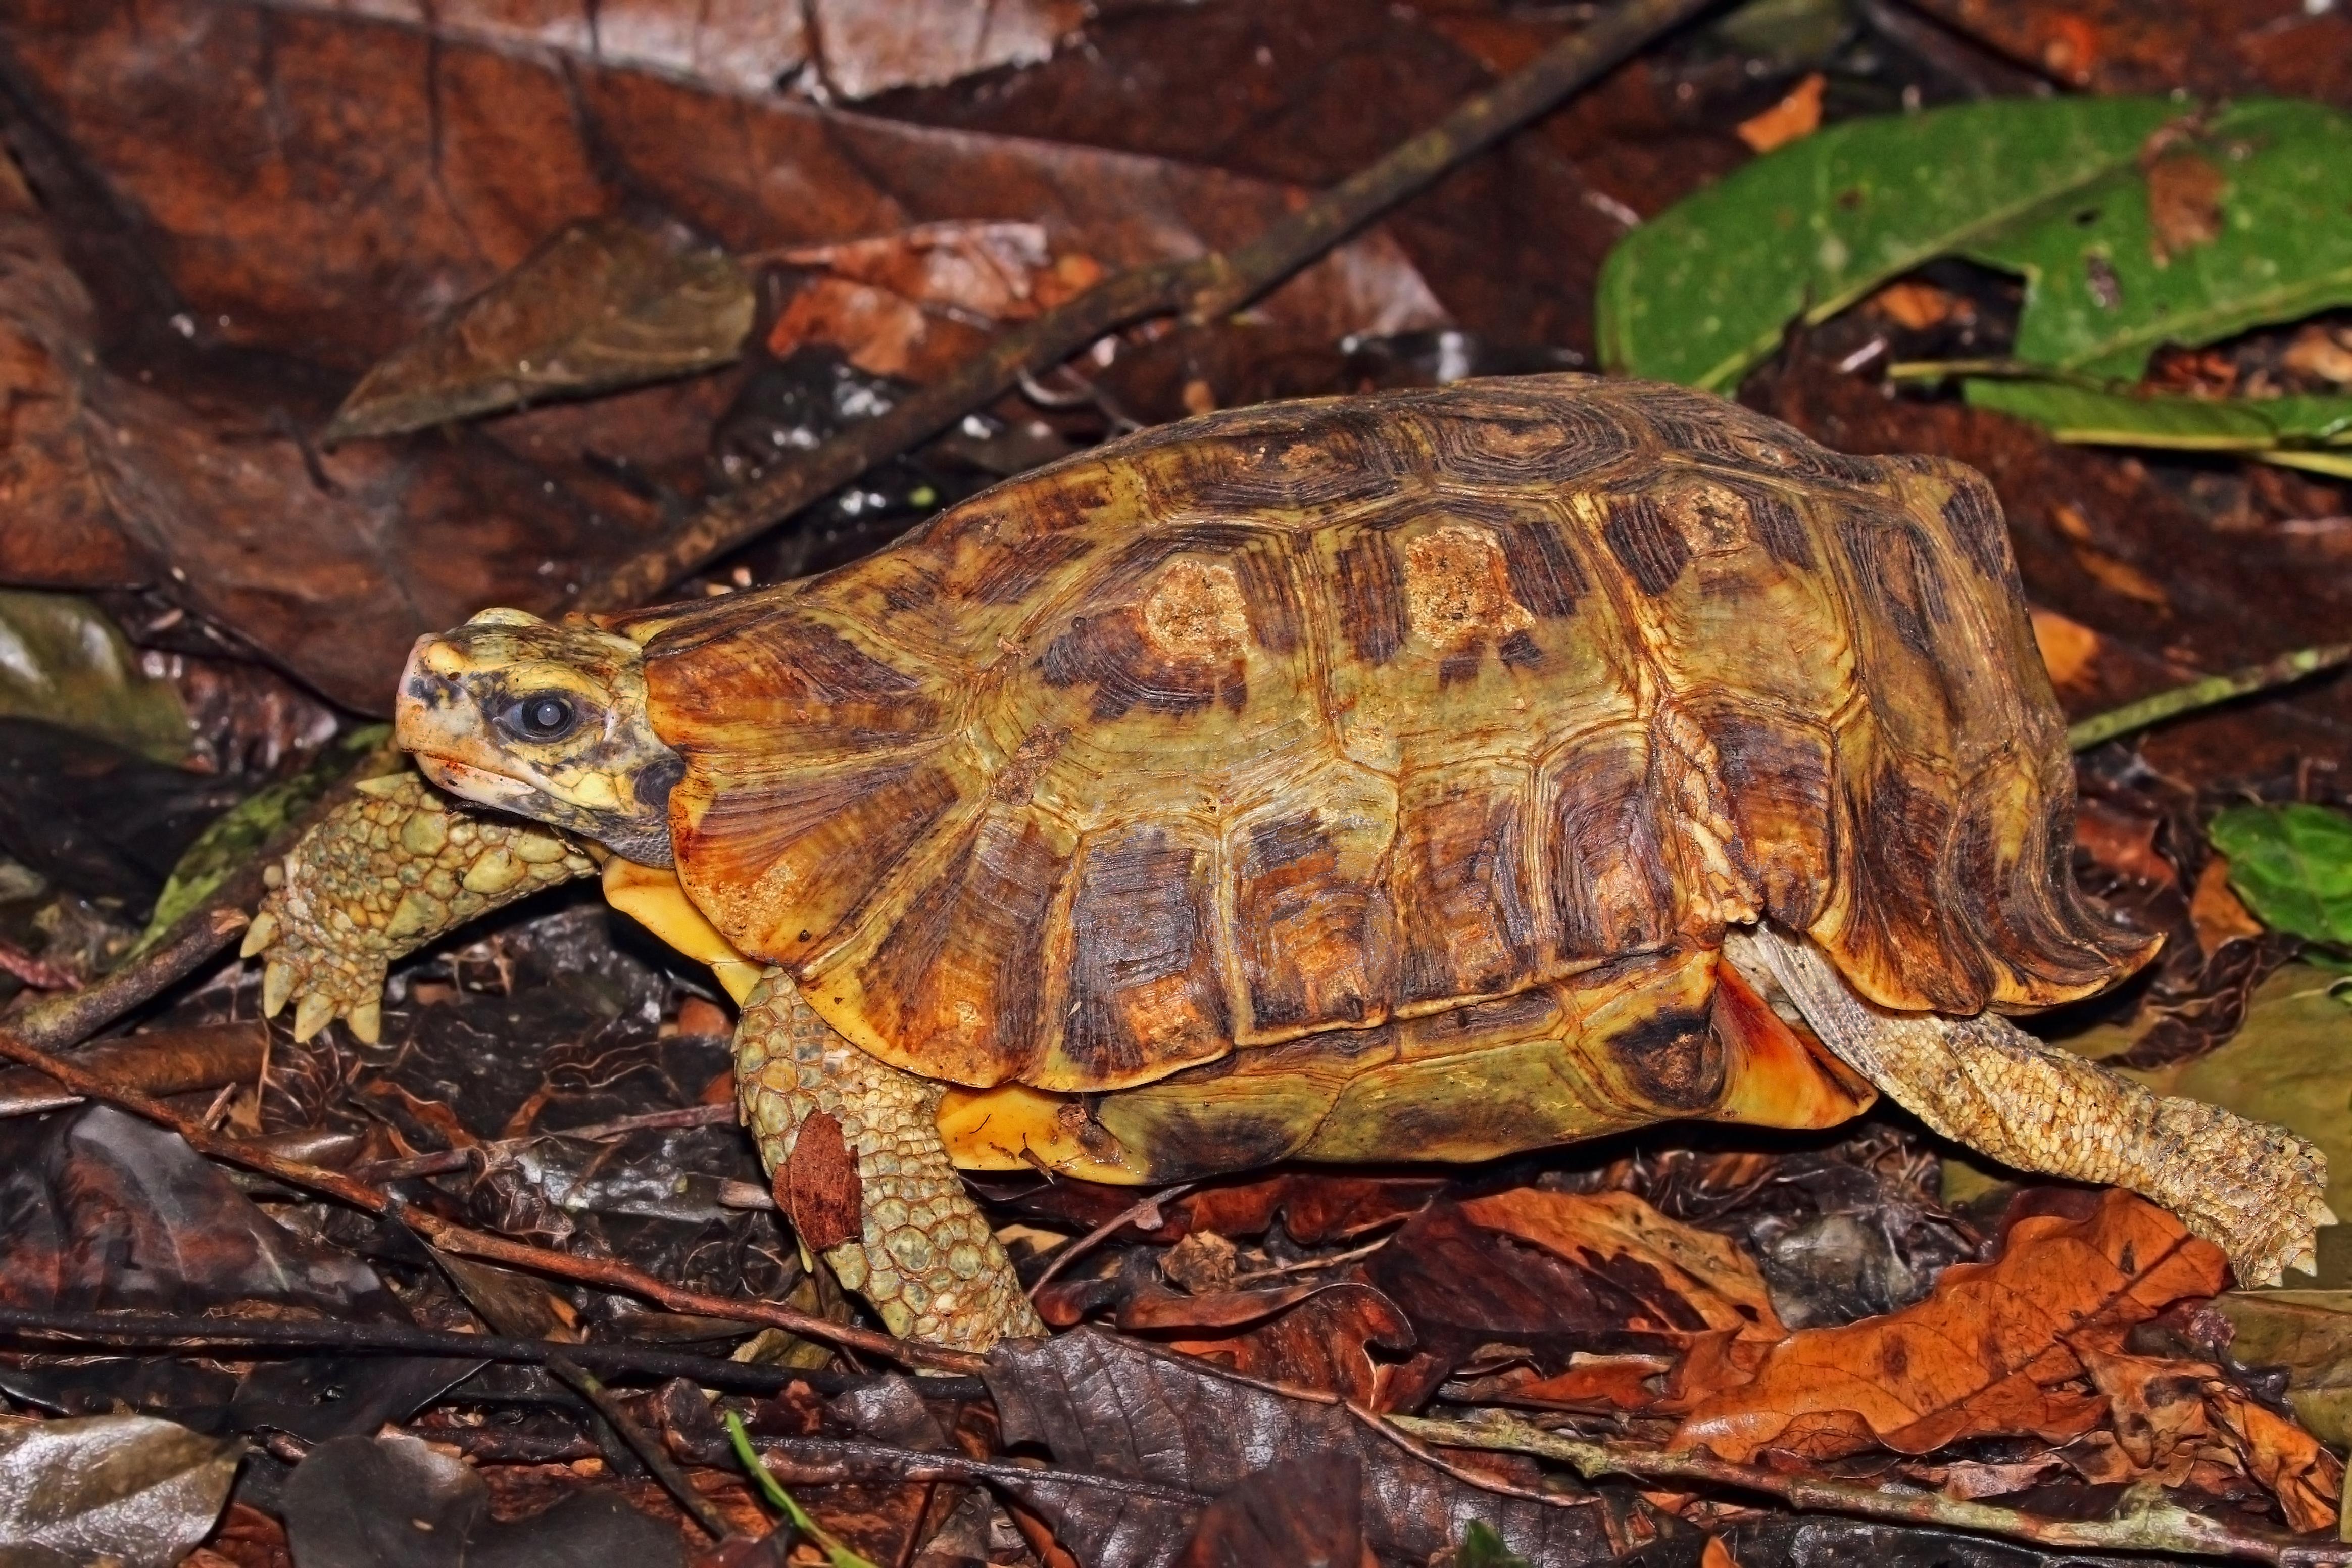 Home's hinge-back tortoise - Wikipedia